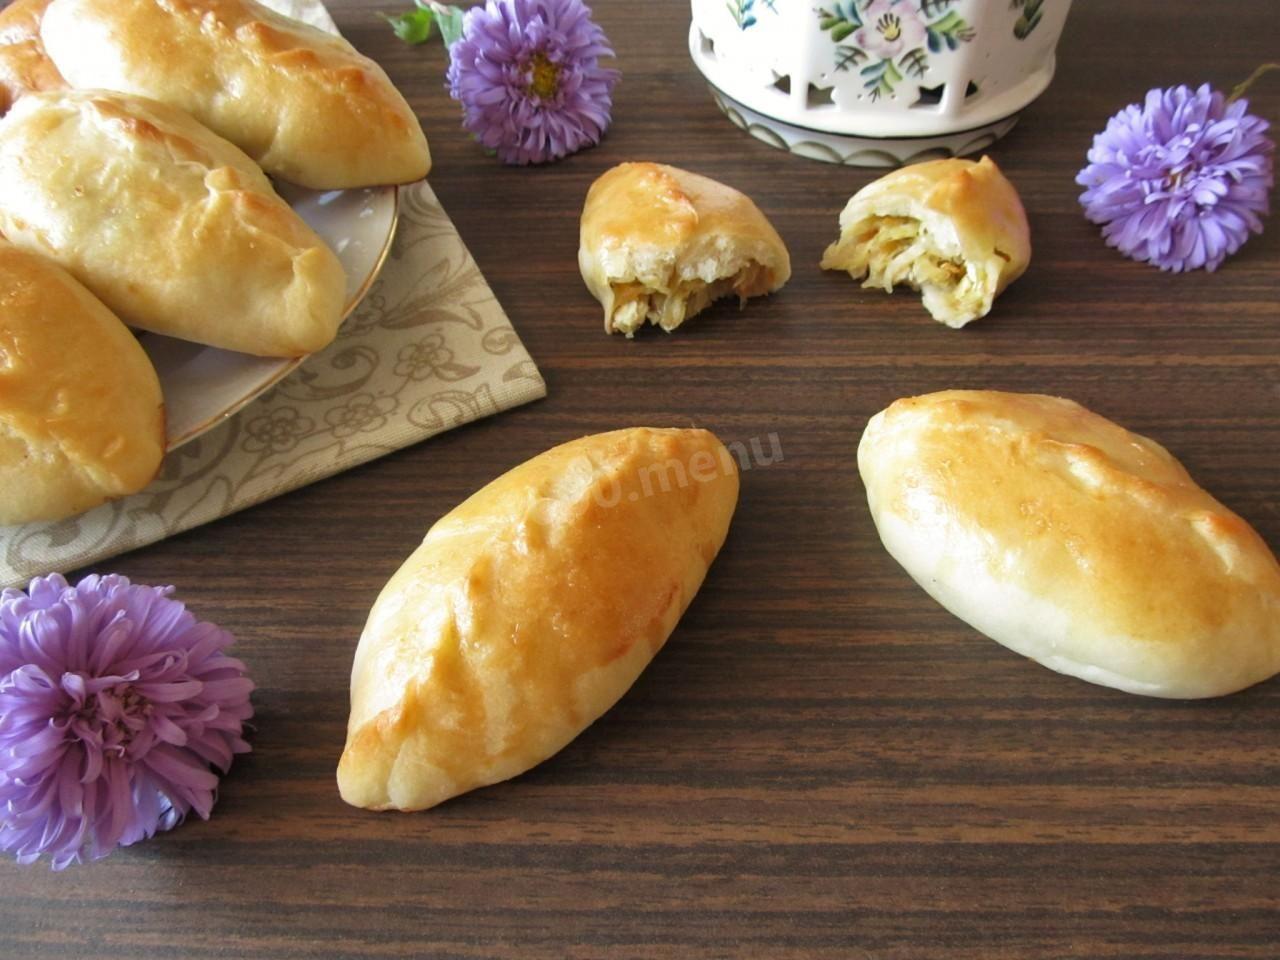 Pirozhki V Duhovke Kak Puh Na Moloke I Suhih Drozhzhah Recept S Foto Recept Idei Dlya Blyud Kulinariya Pirozhki